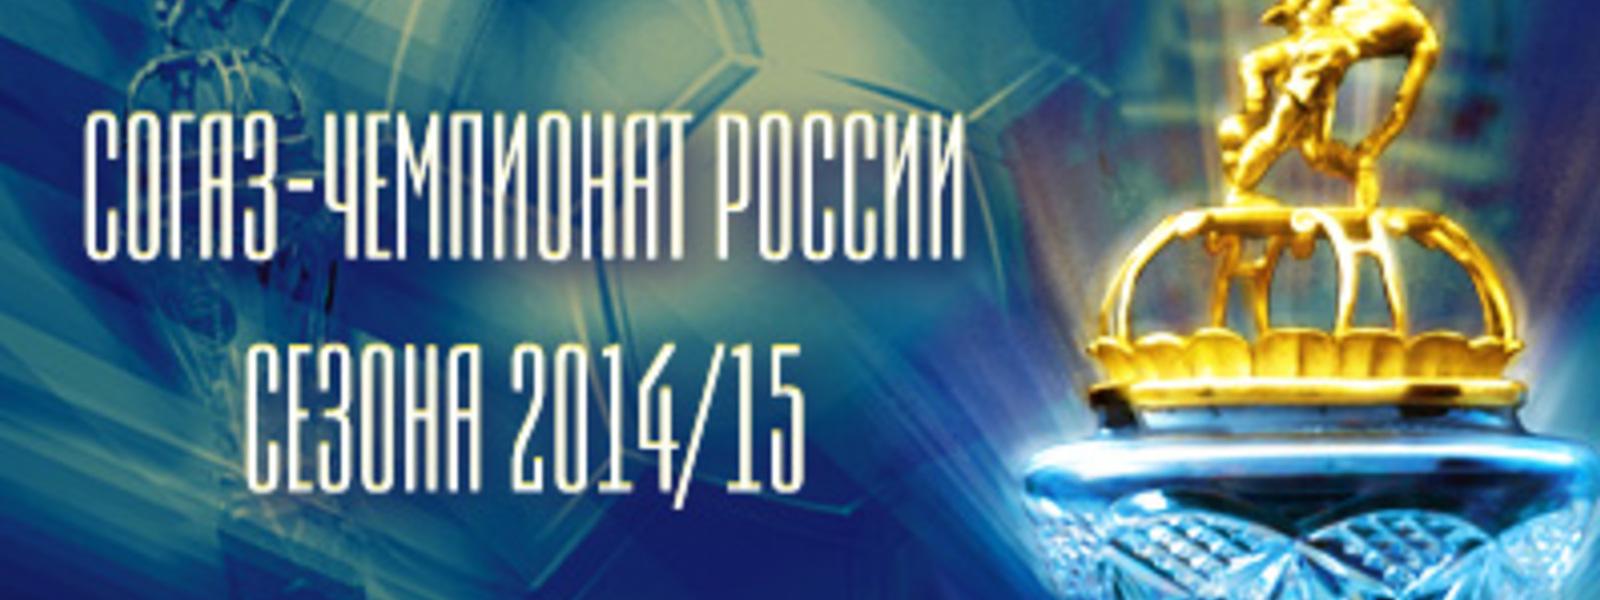 12 июля праздники в россия